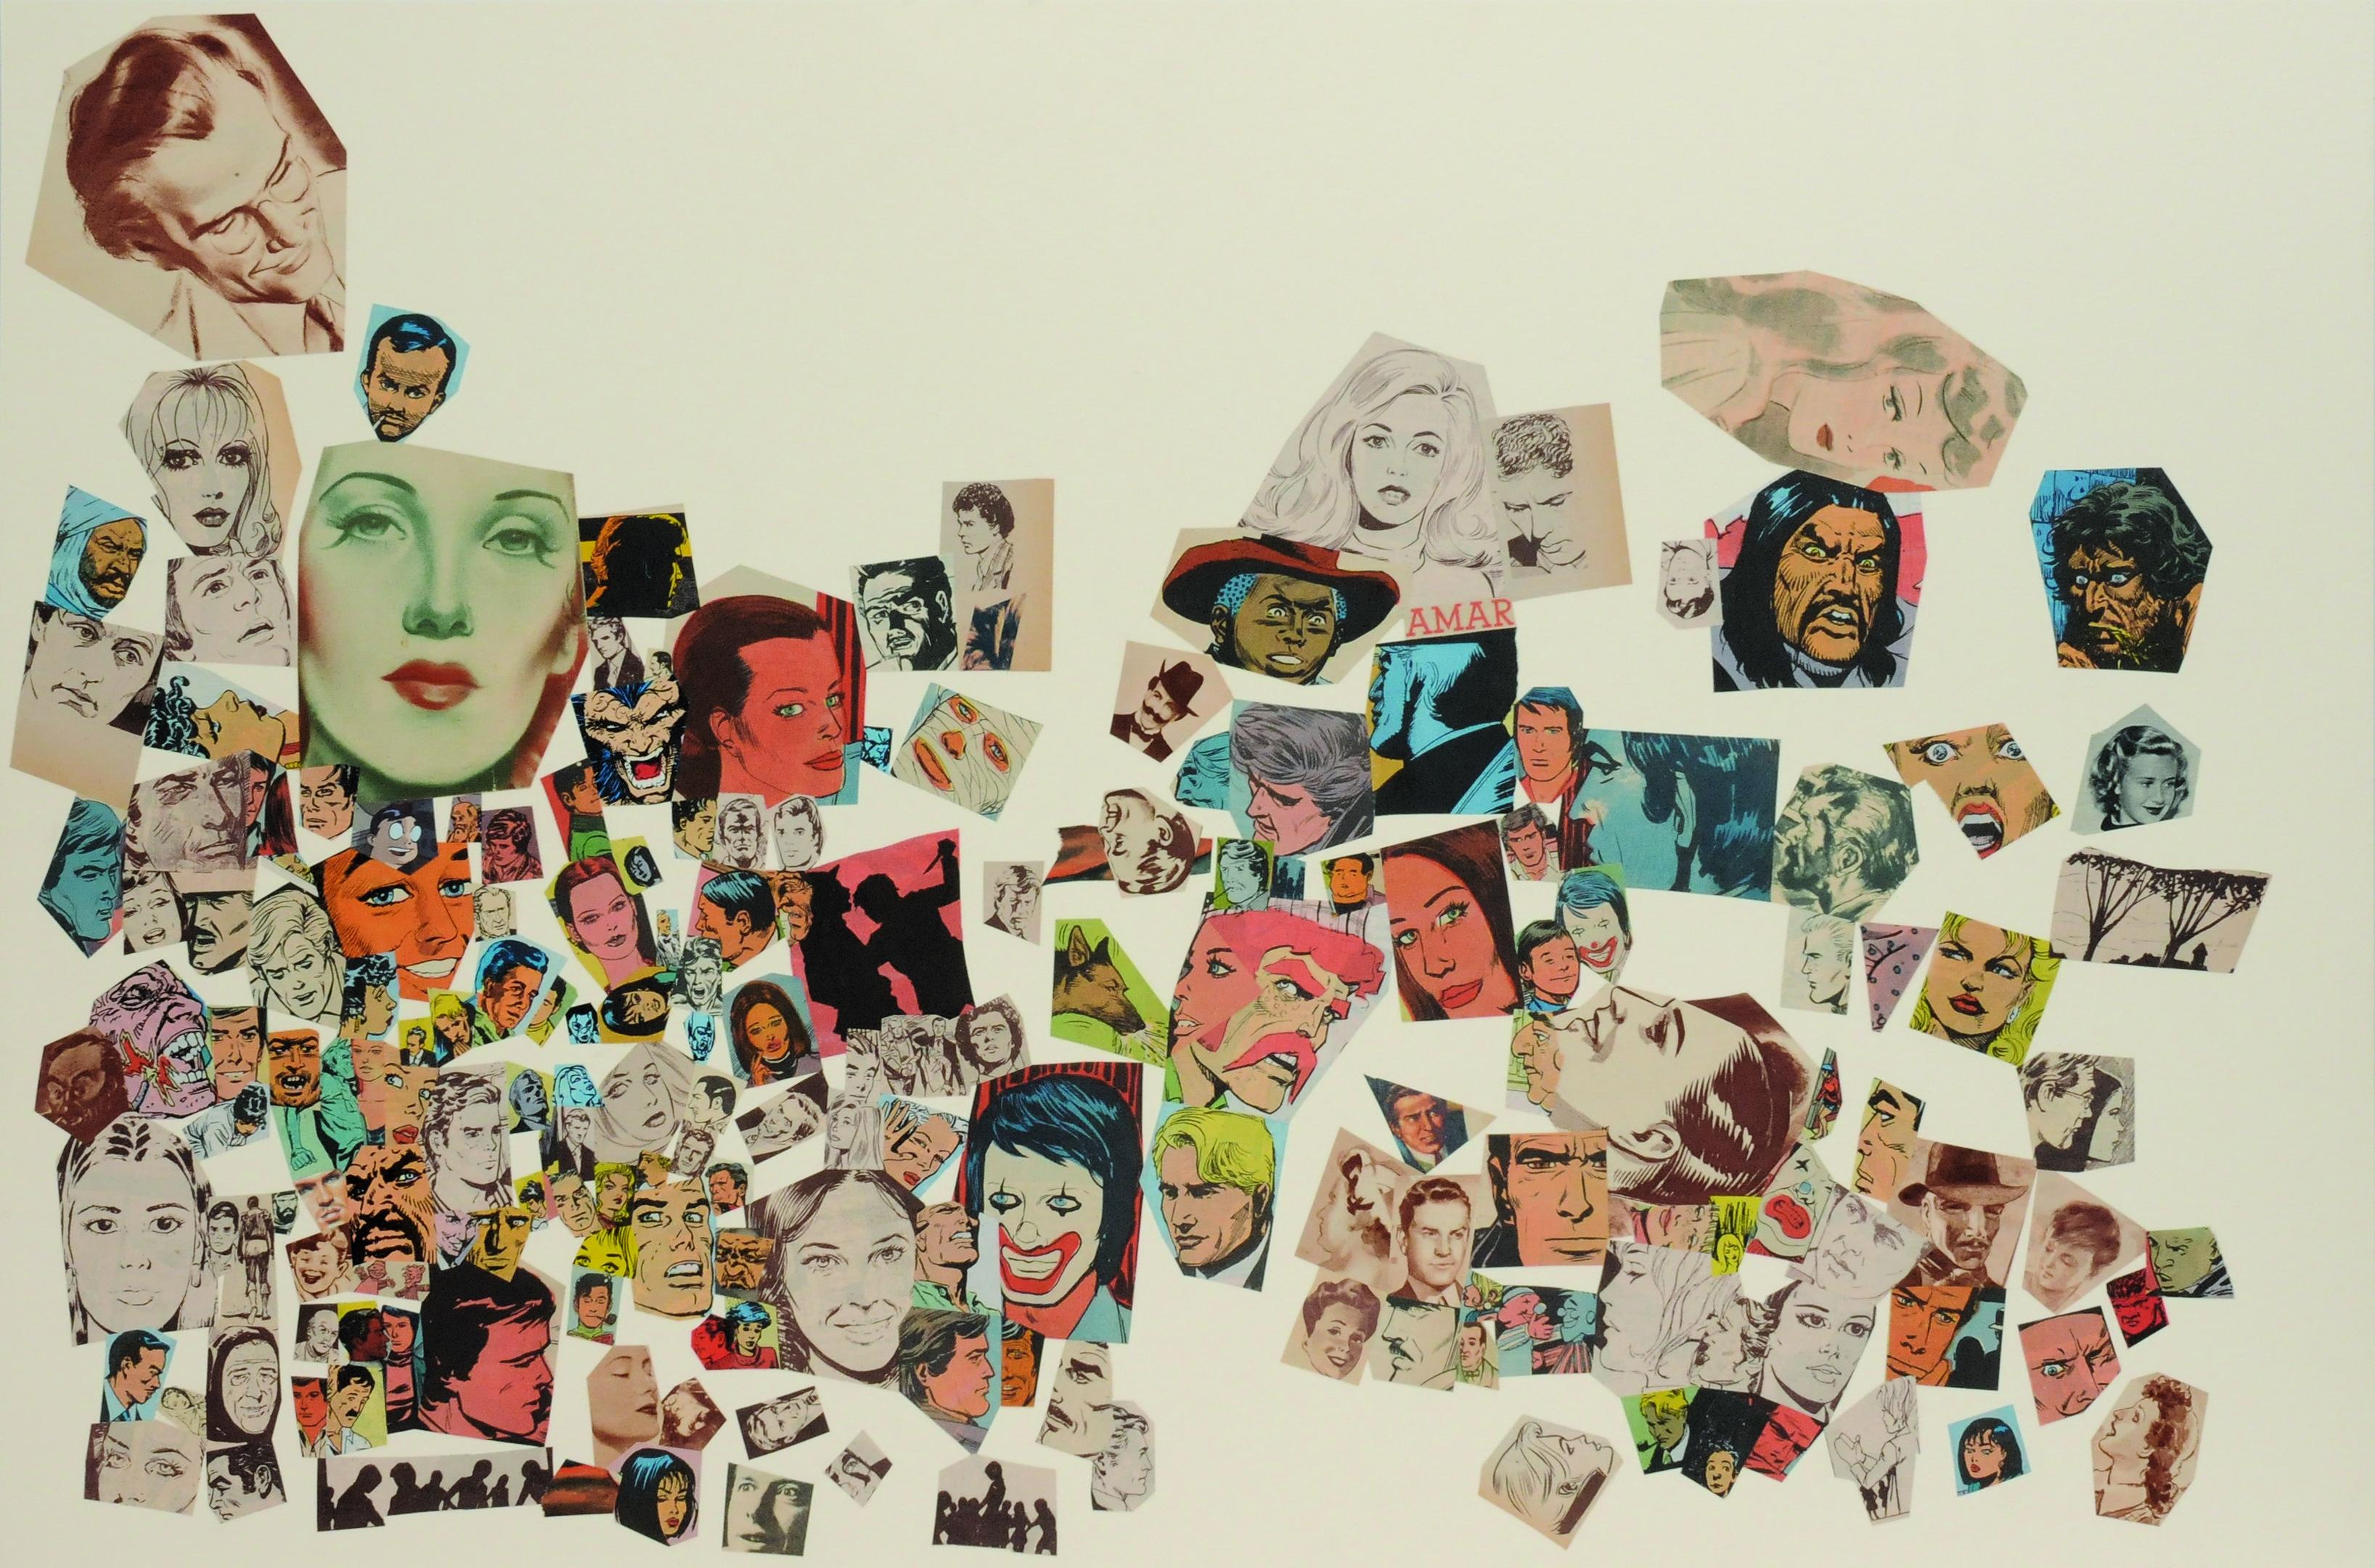 Amar, papel collage, 51 cm  x 76 cm. 2008